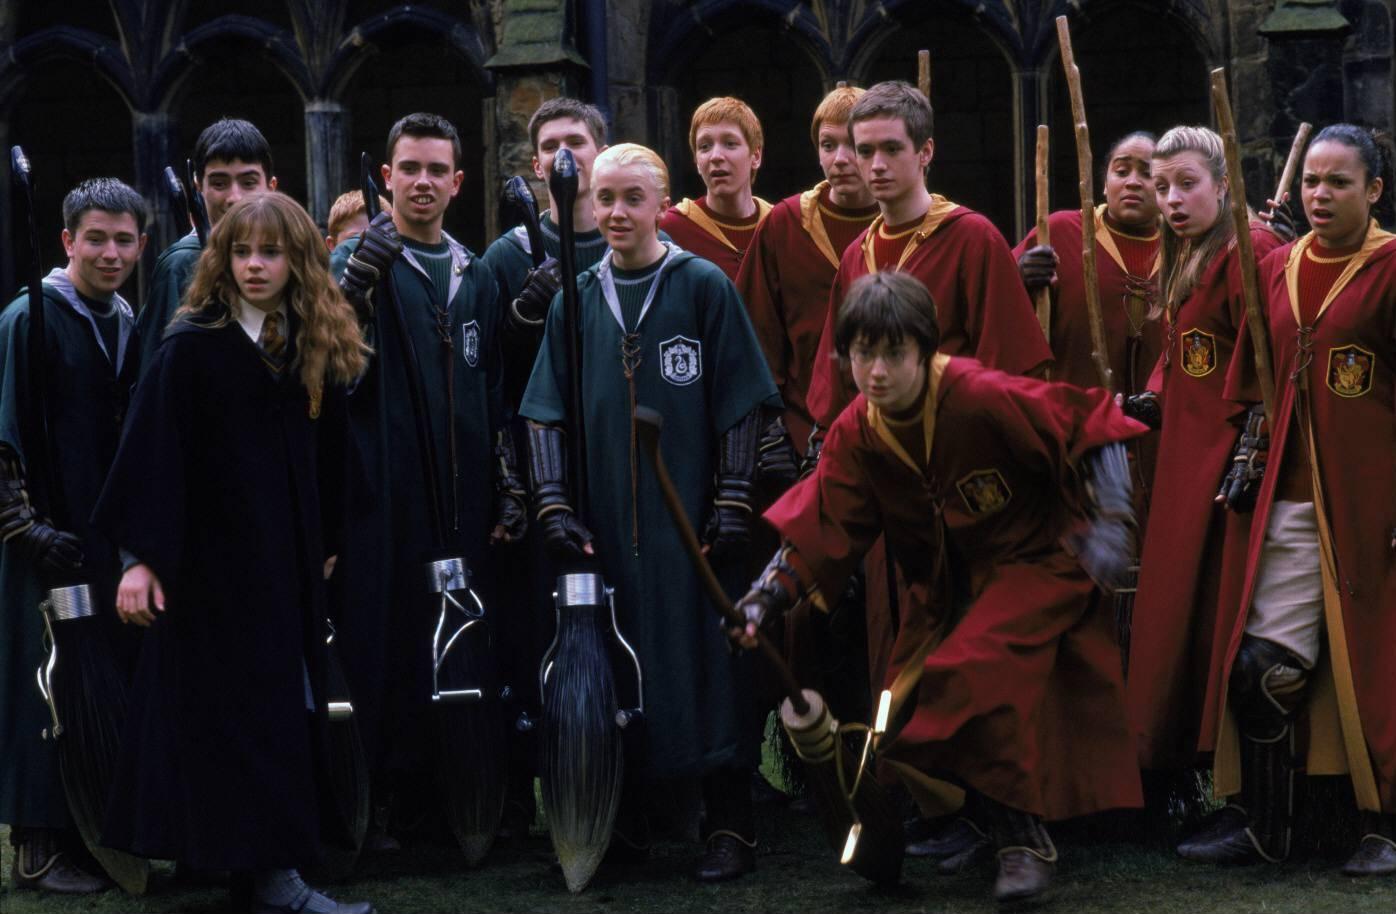 Quidditch harry potter wiki - Harry potter et la chambre des secrets en streaming gratuit ...